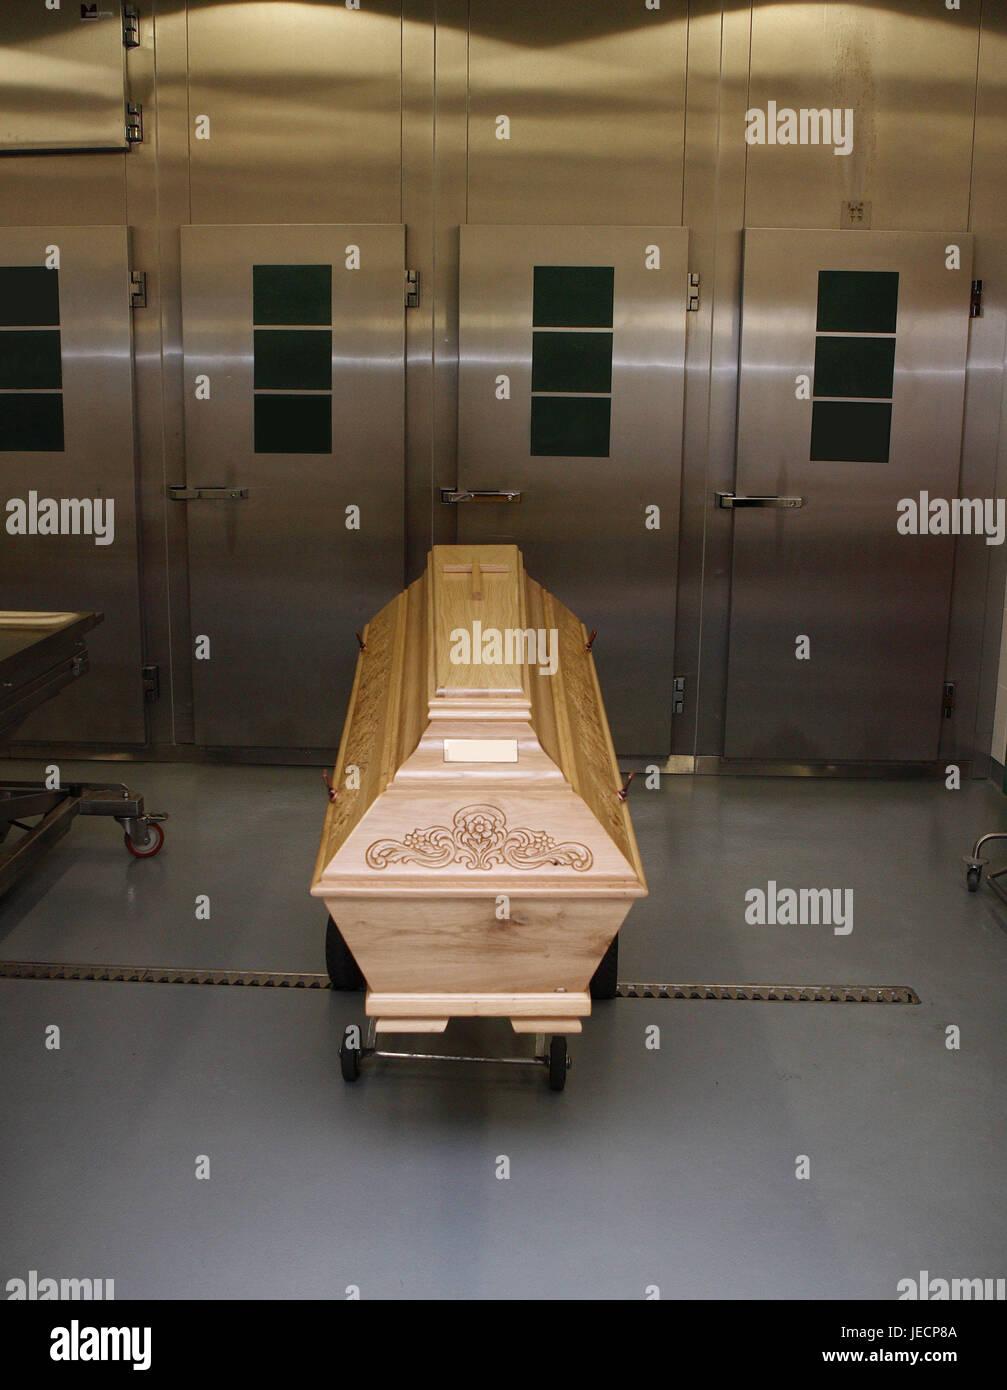 Hospital, pathological-anatomical department, Prosektur, coffin, medicine, hospital department, morgue, cooling, - Stock Image